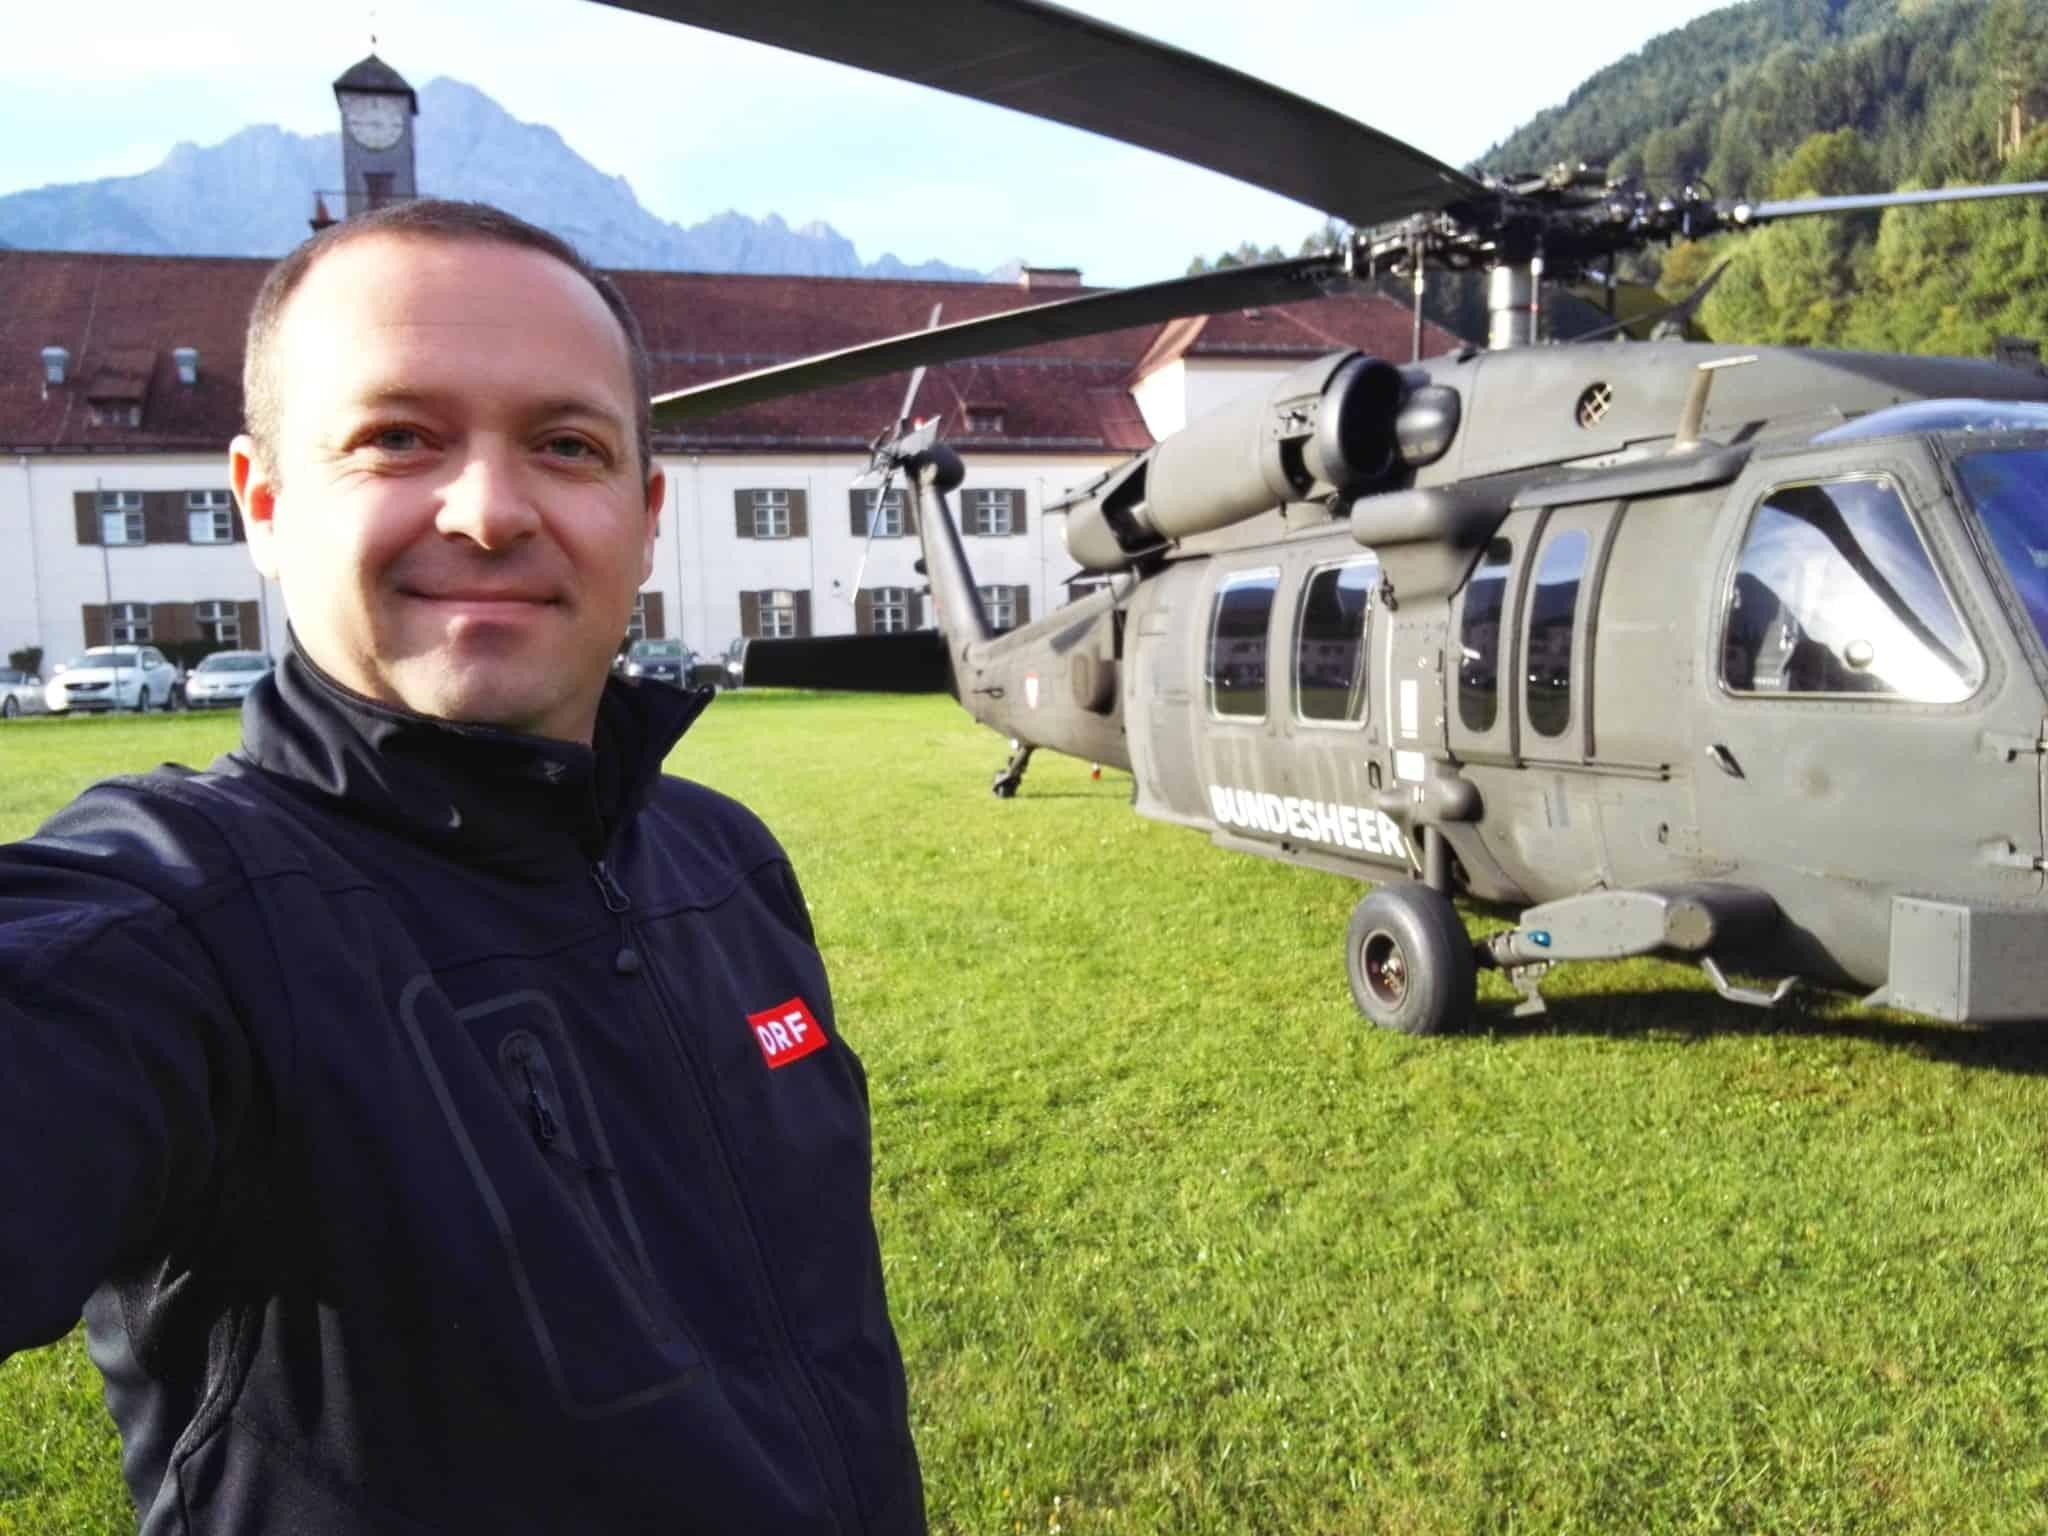 orf black hawk bundesheer lienz 1 - ORF - Black Hawk Bundesheer